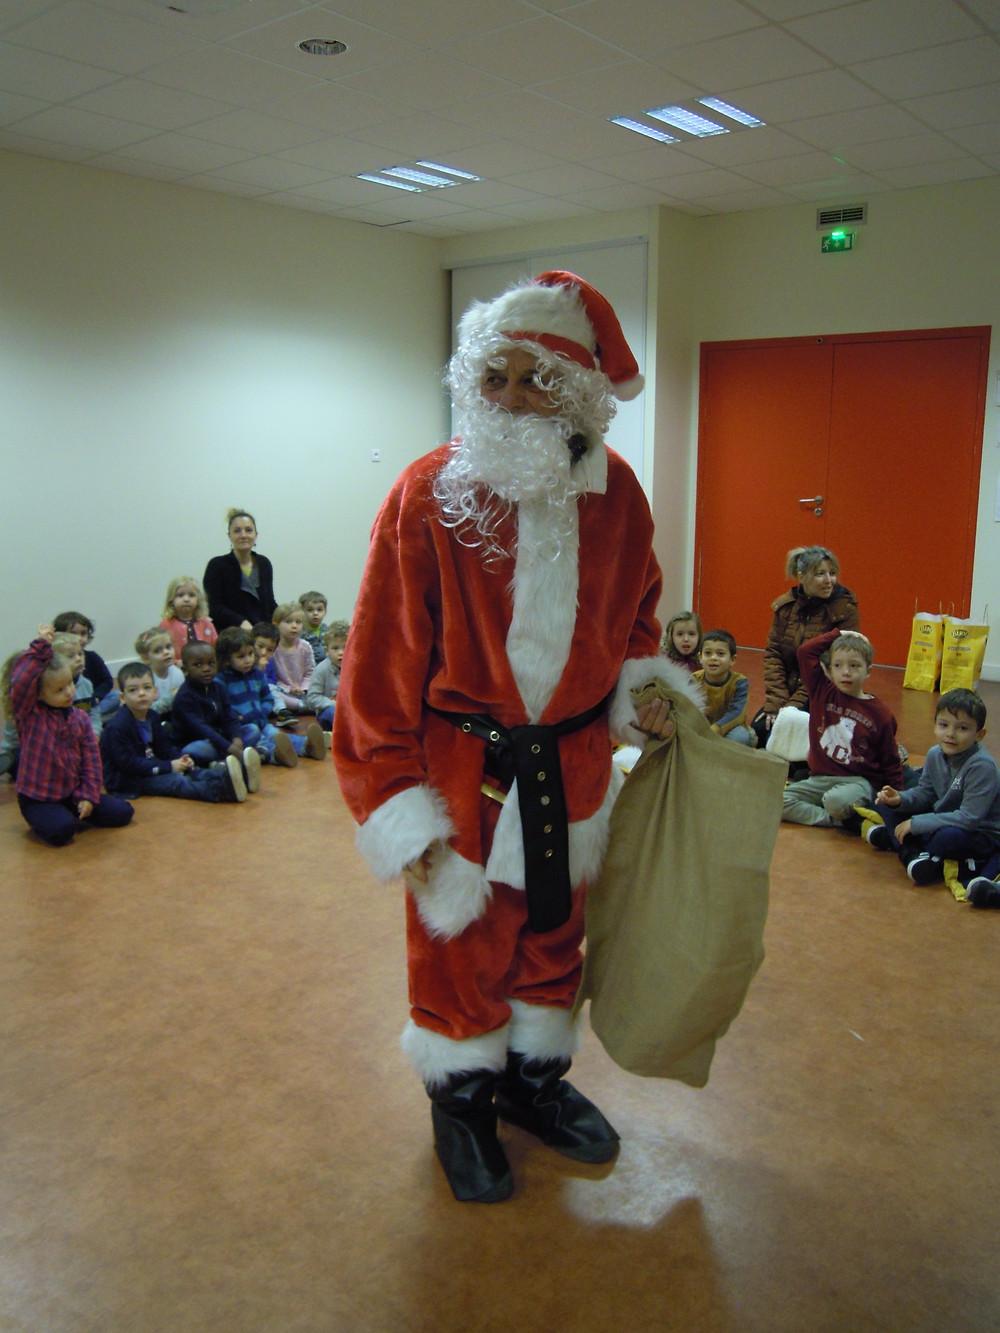 Quelle surprise! Jeudi 19 décembre, les classes de la maternelle étaient réunies pour fêter Noël. Nous avons eu le plaisir d'avoir la visite du Père Noël. Dans son sac, il cachait des chocolats...